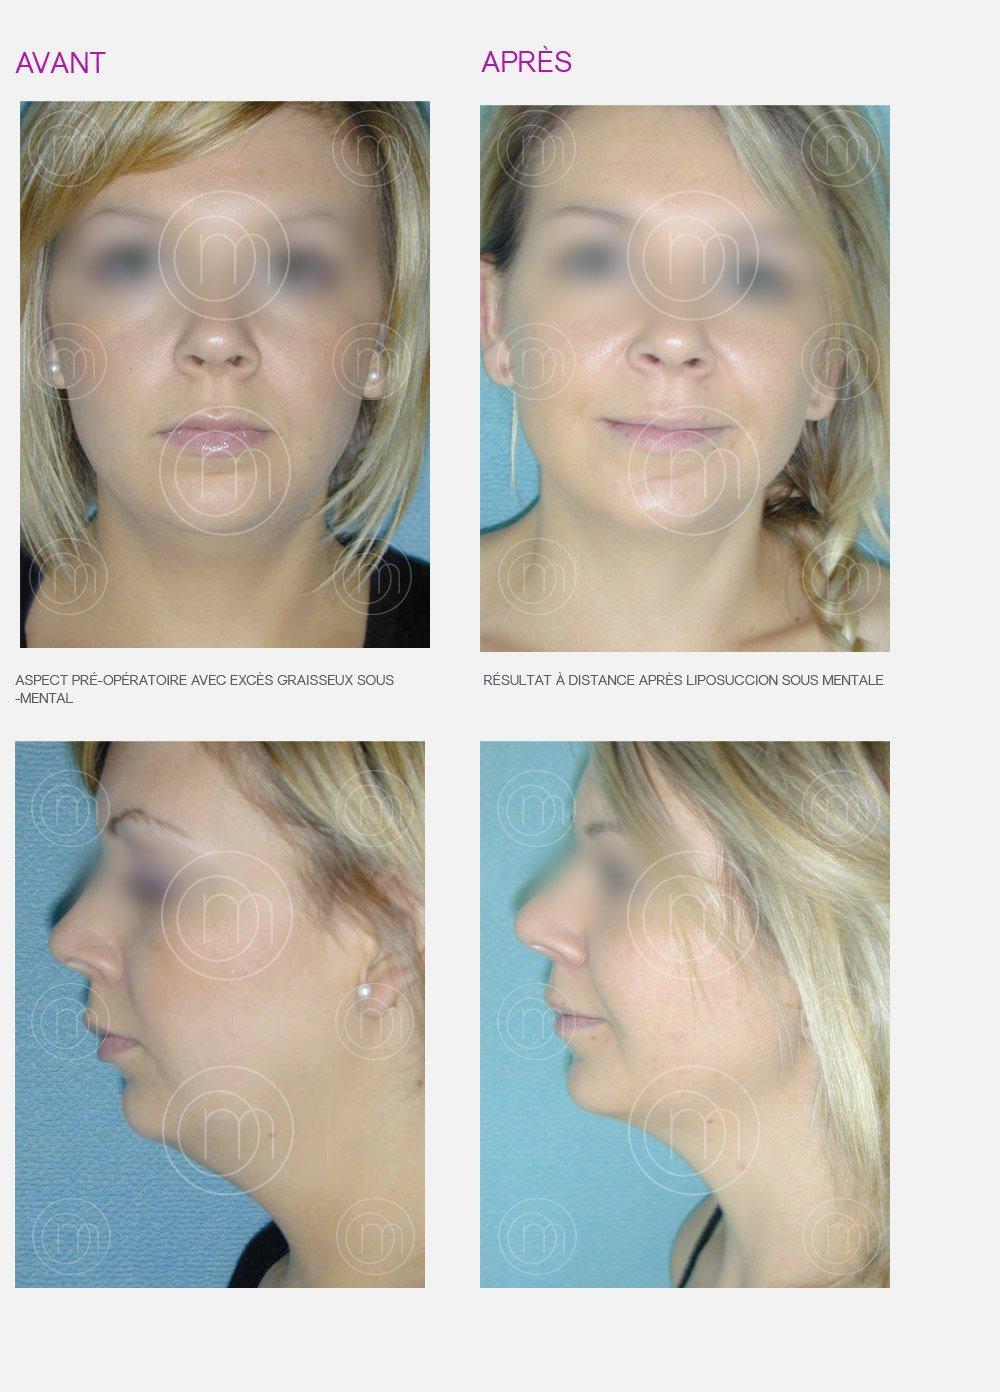 Liposuccion faciale avant et après